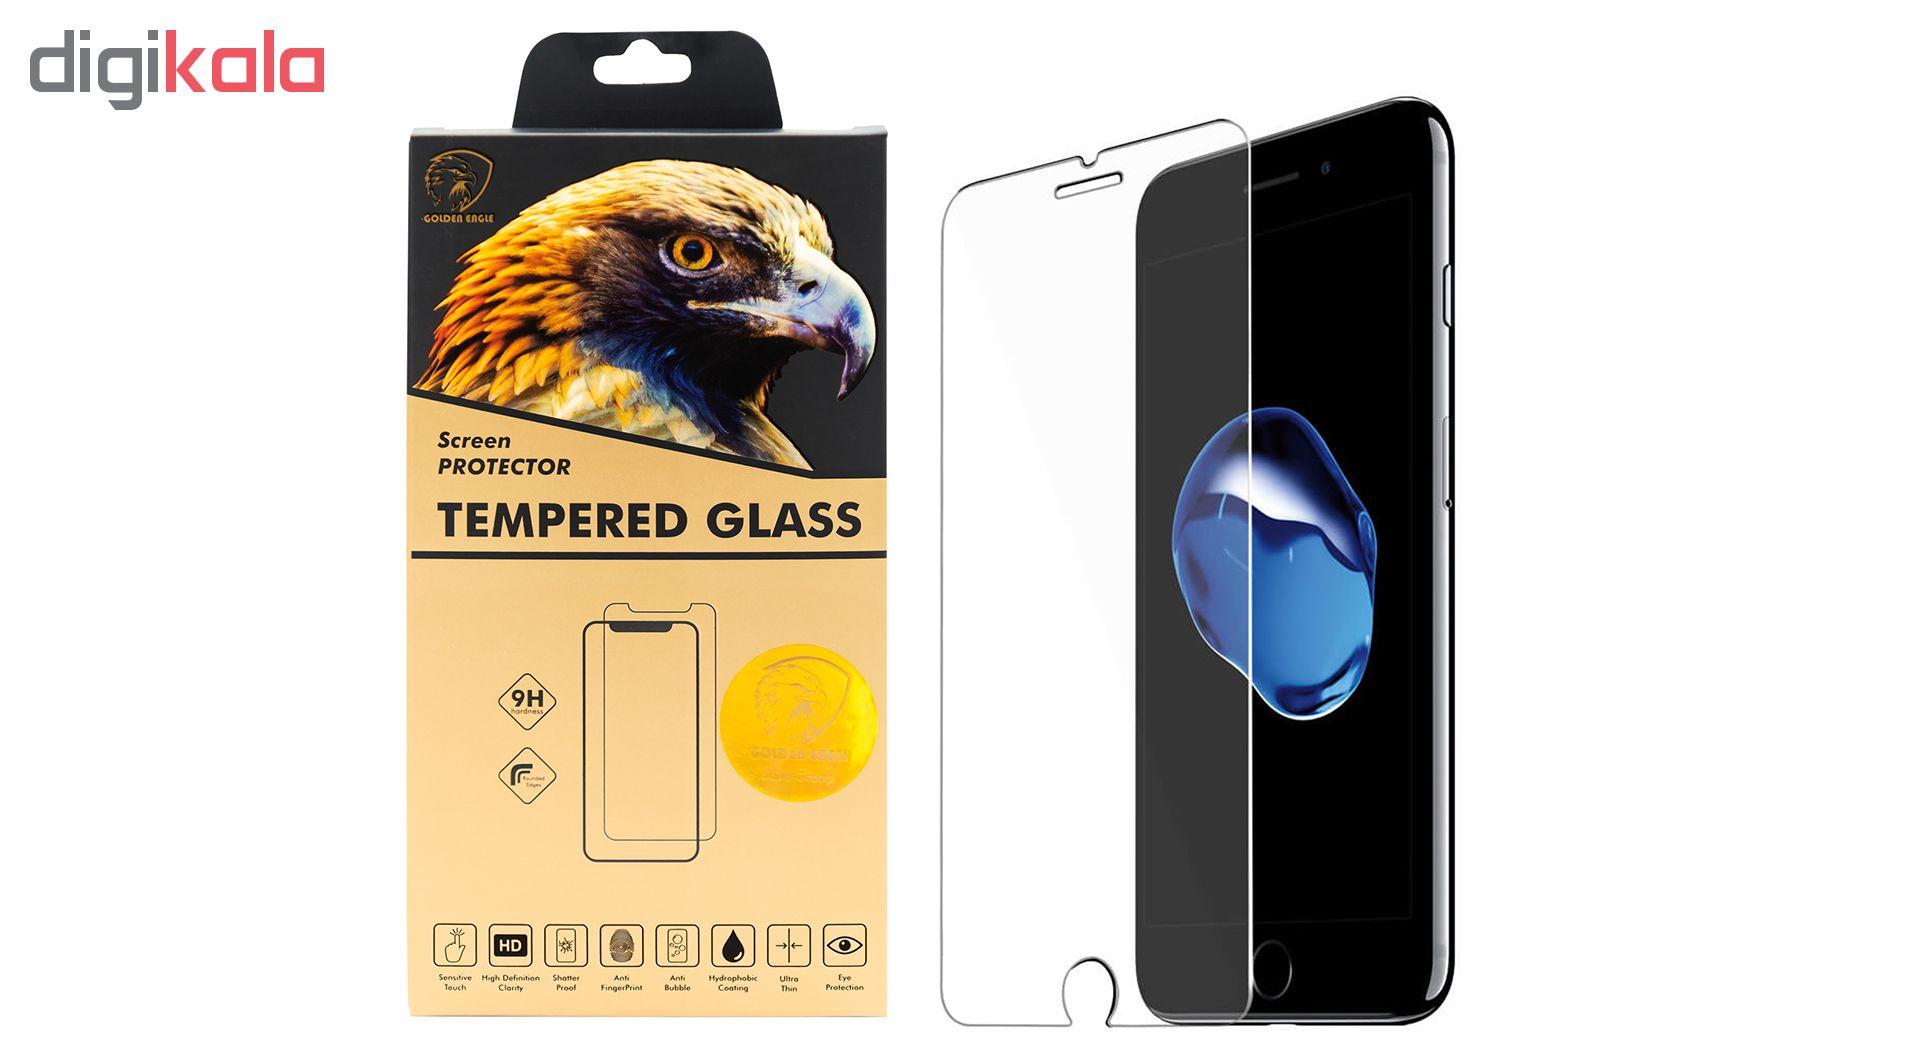 محافظ صفحه نمایش گلدن ایگل مدل Brilliant Shield مناسب برای گوشی اپل آیفون 7/8 پلاس main 1 1